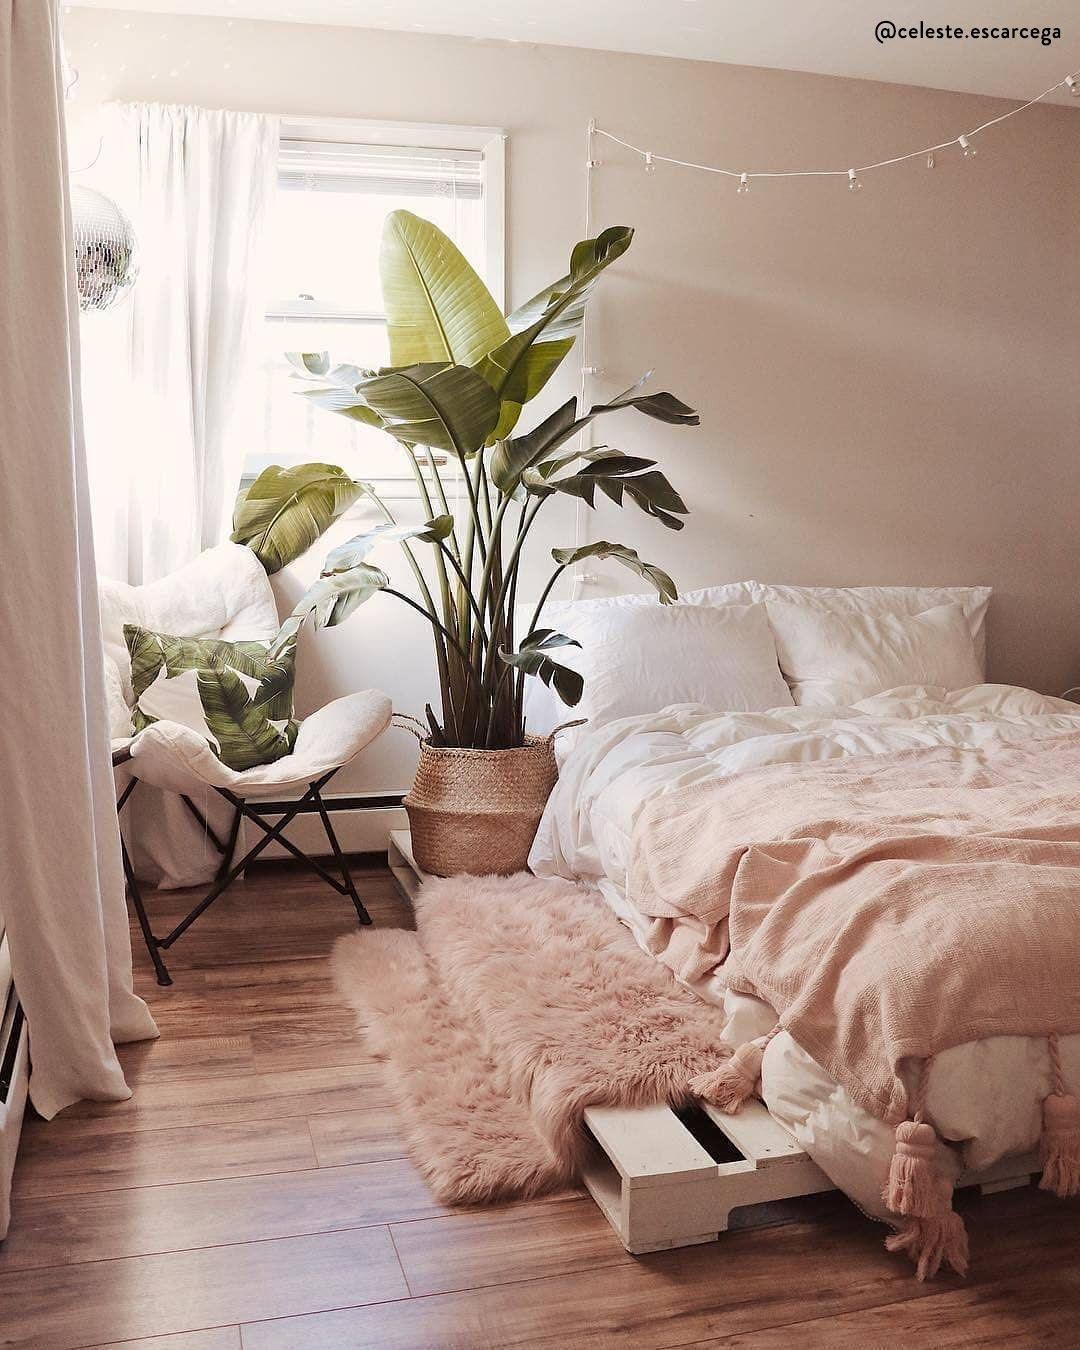 Letto fai da te! Utilizzando alcuni pallet è possibile realizzare un letto comodo e di grande effetto. Lo stile risulterà naturalmente rilassato e cozy.